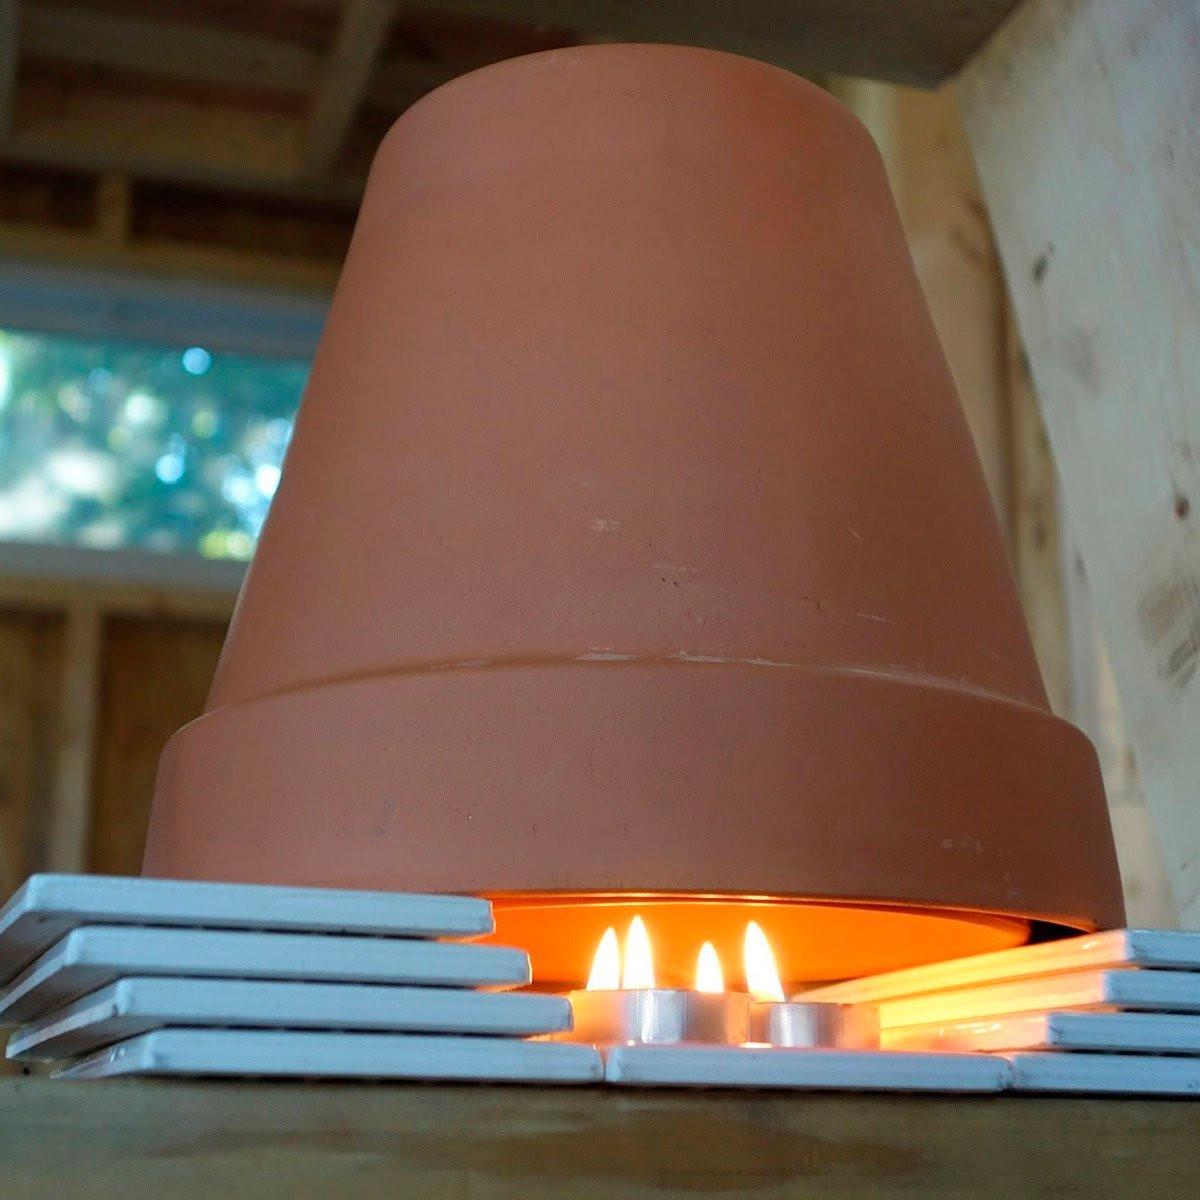 أفكار لتدفئة البيت - إشعال الشموع ومصابيح الإضاءة الهادئة